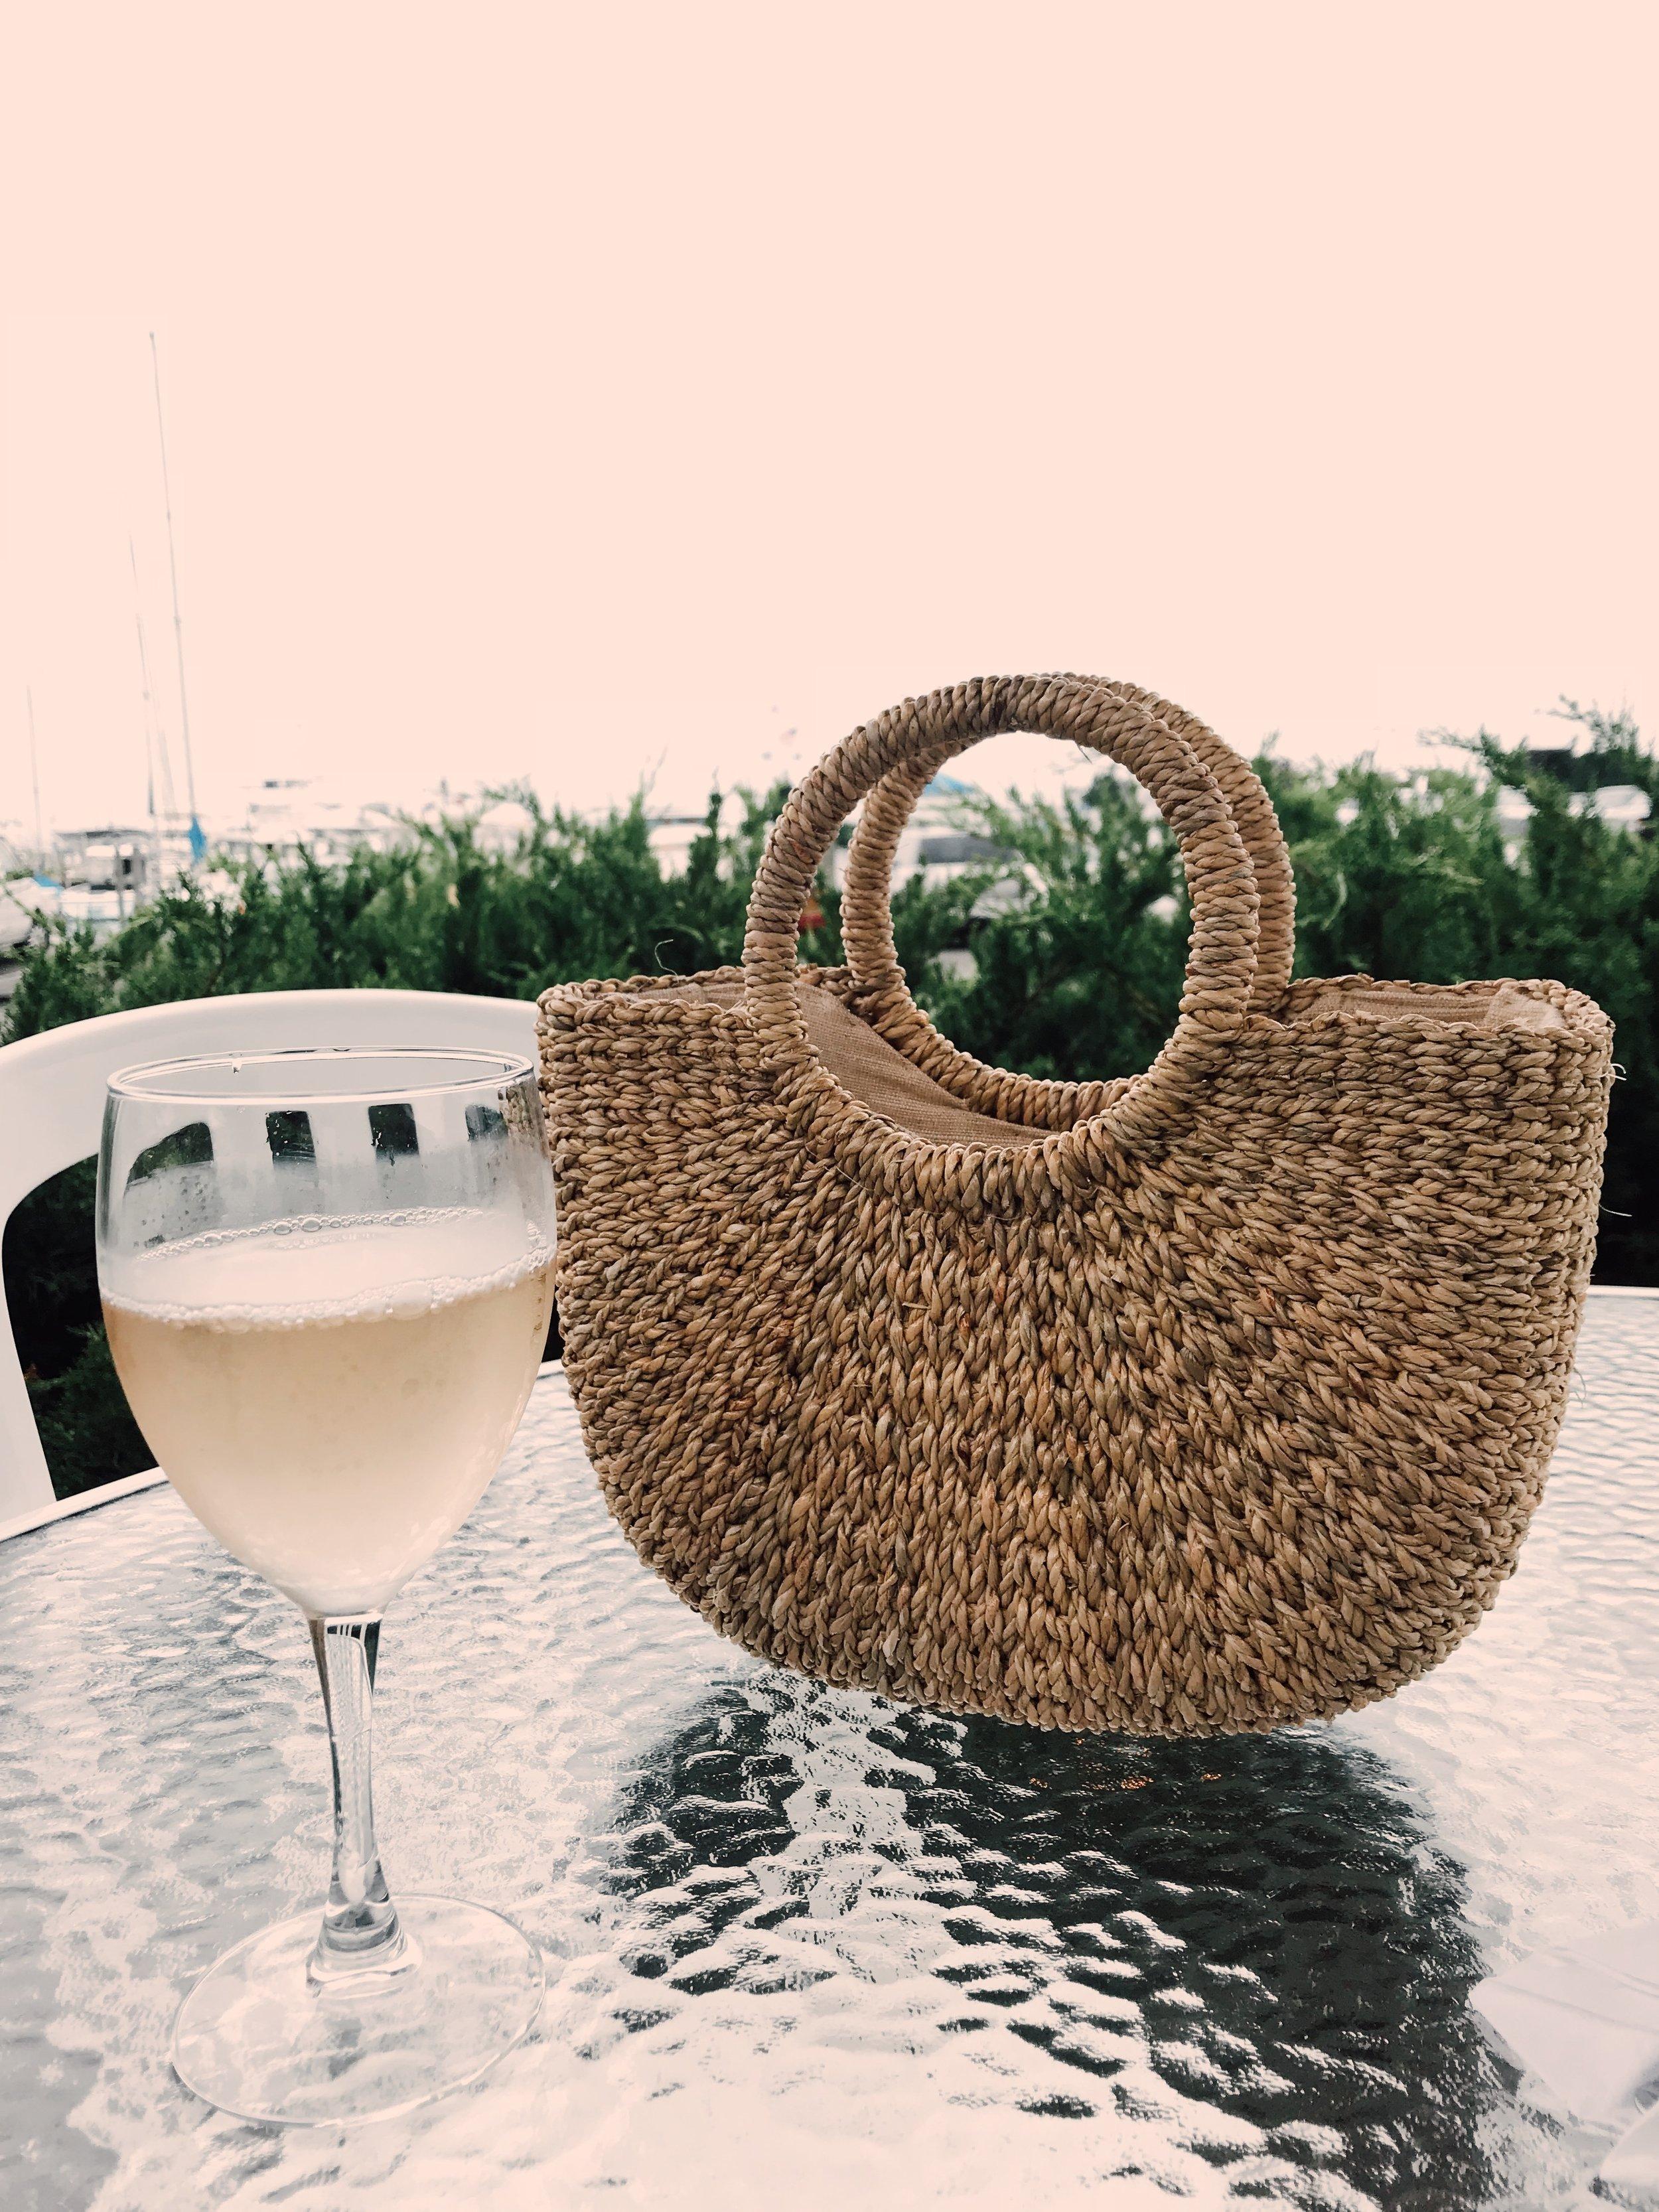 Hand-woven Straw Bag from Sea & Grass at Satori, Sag Harbor.